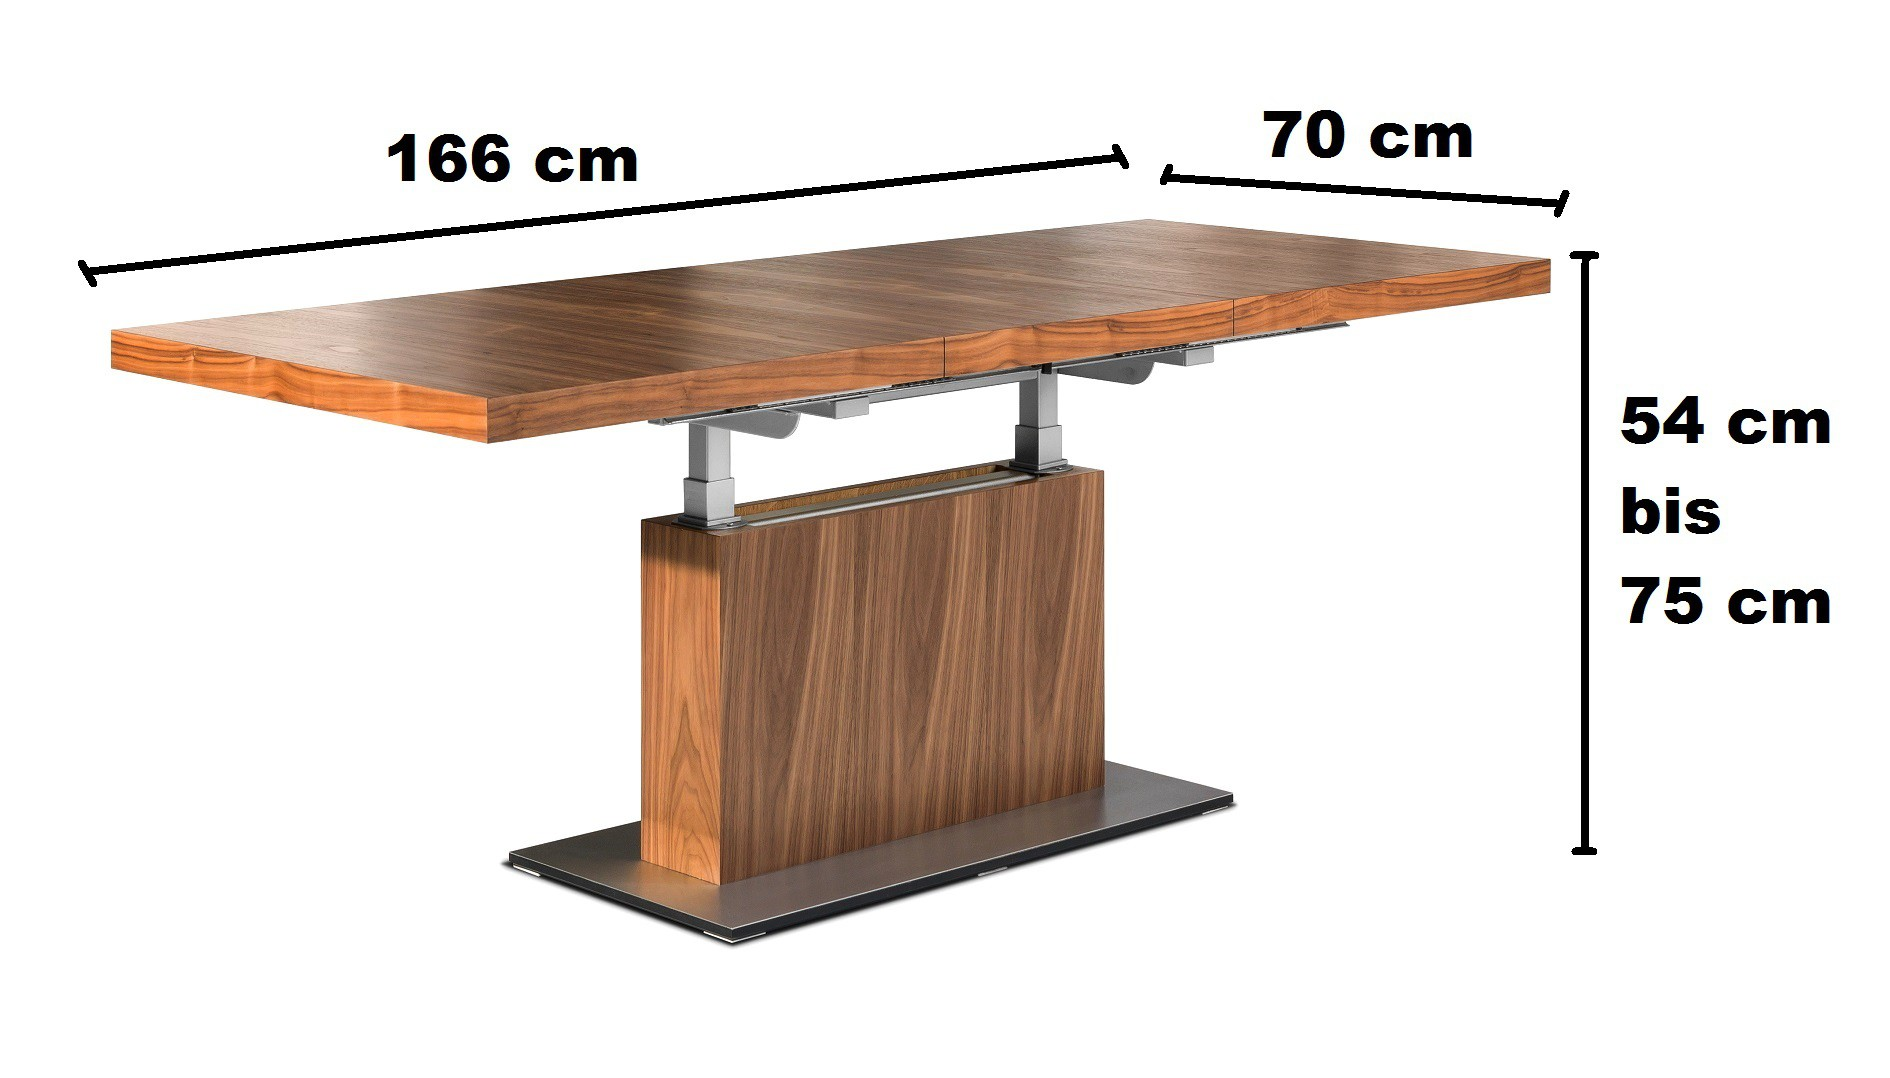 Design couchtisch tisch mn 7 walnuss nussbaum for Tisch design